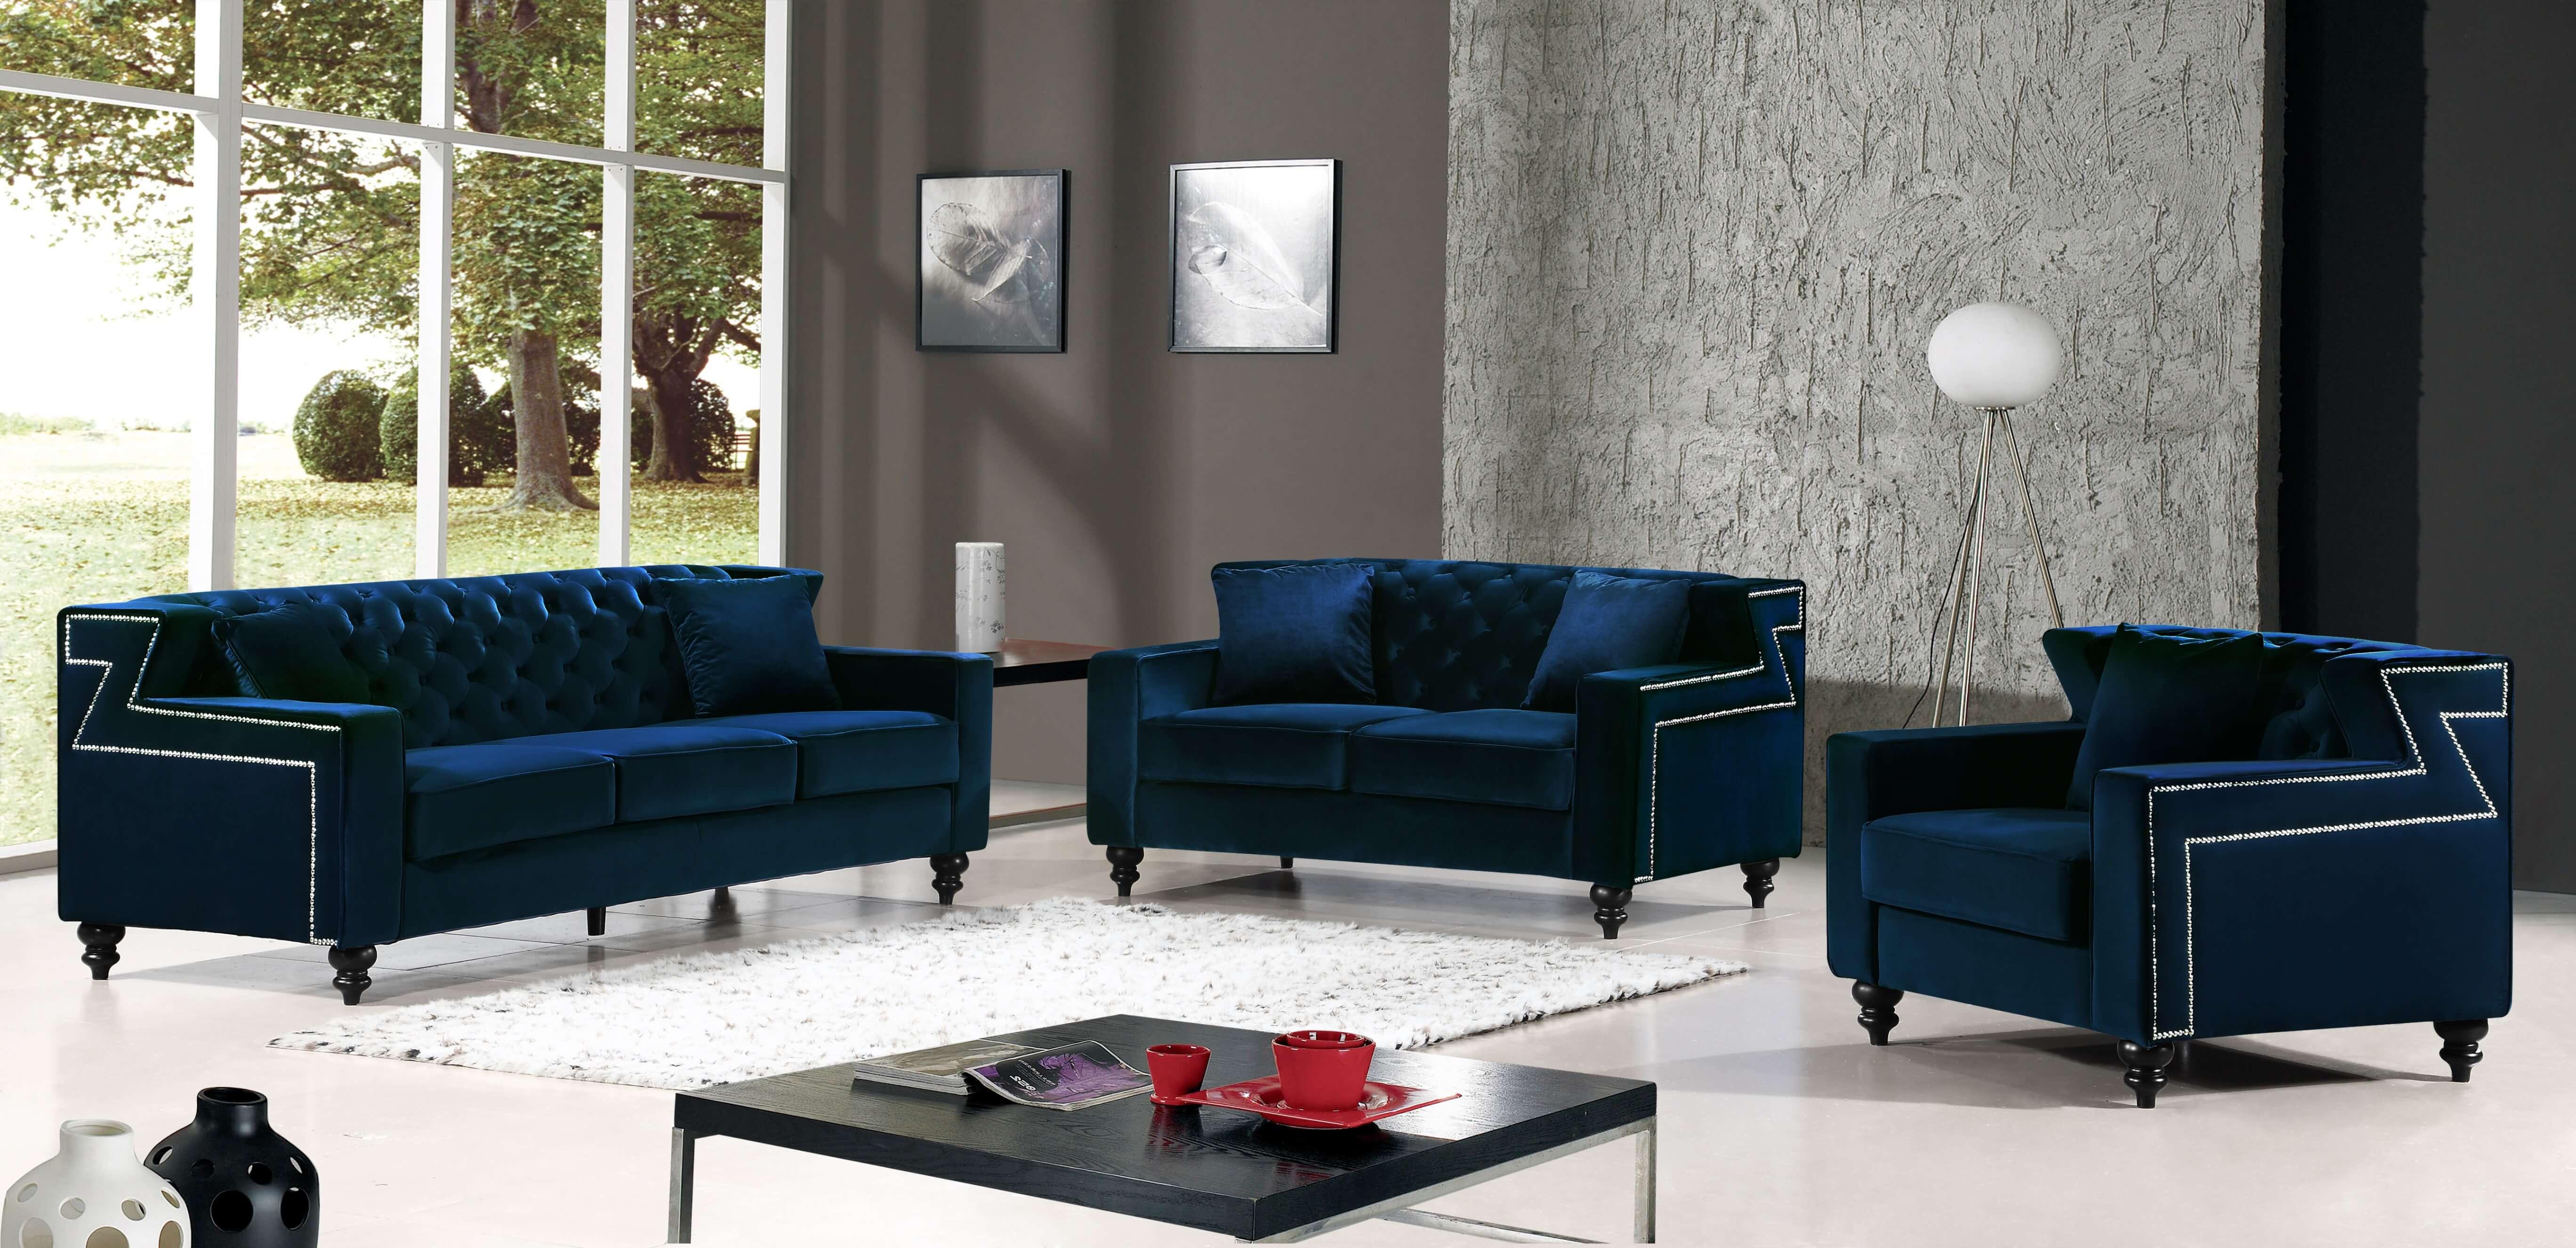 Harley Navy Velvet Sofa And Loveseat Fabric Living Room Sets